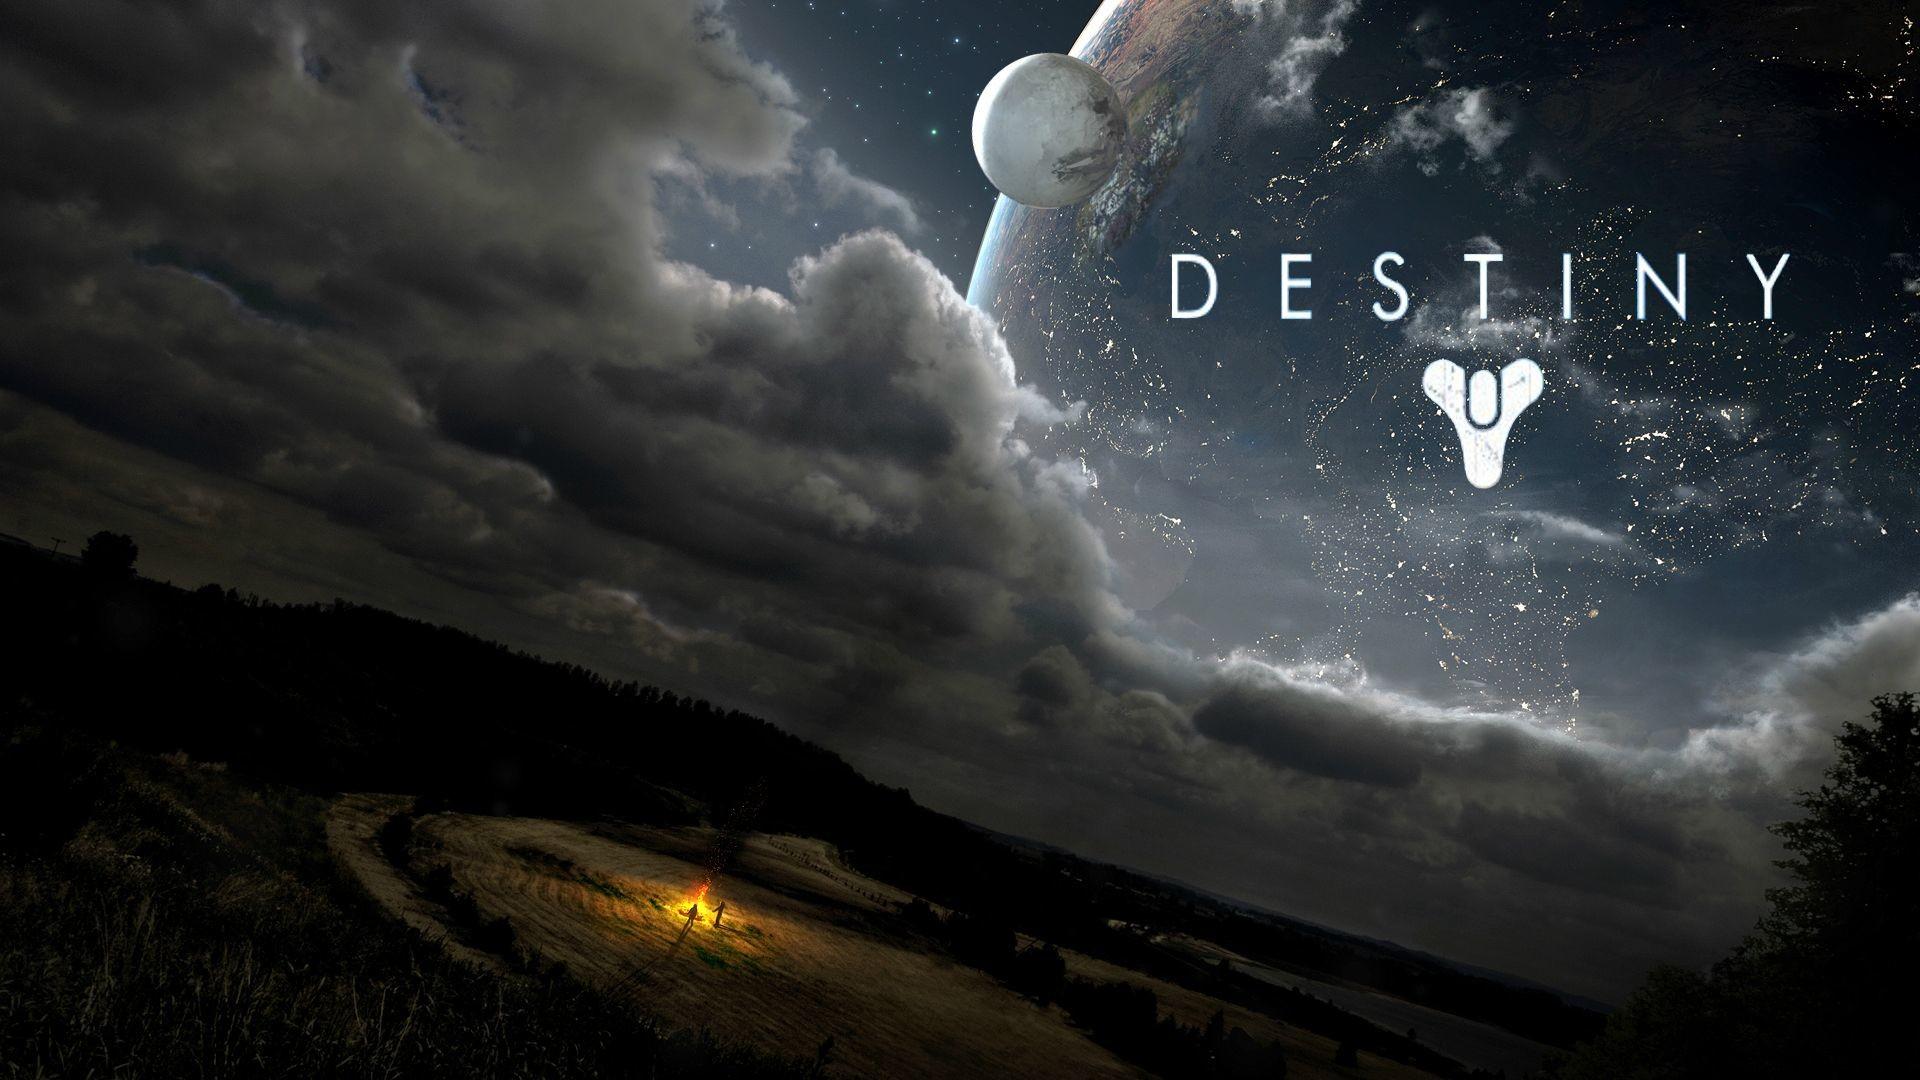 Beautiful Destiny Wallpapers in 4K Ultra HD